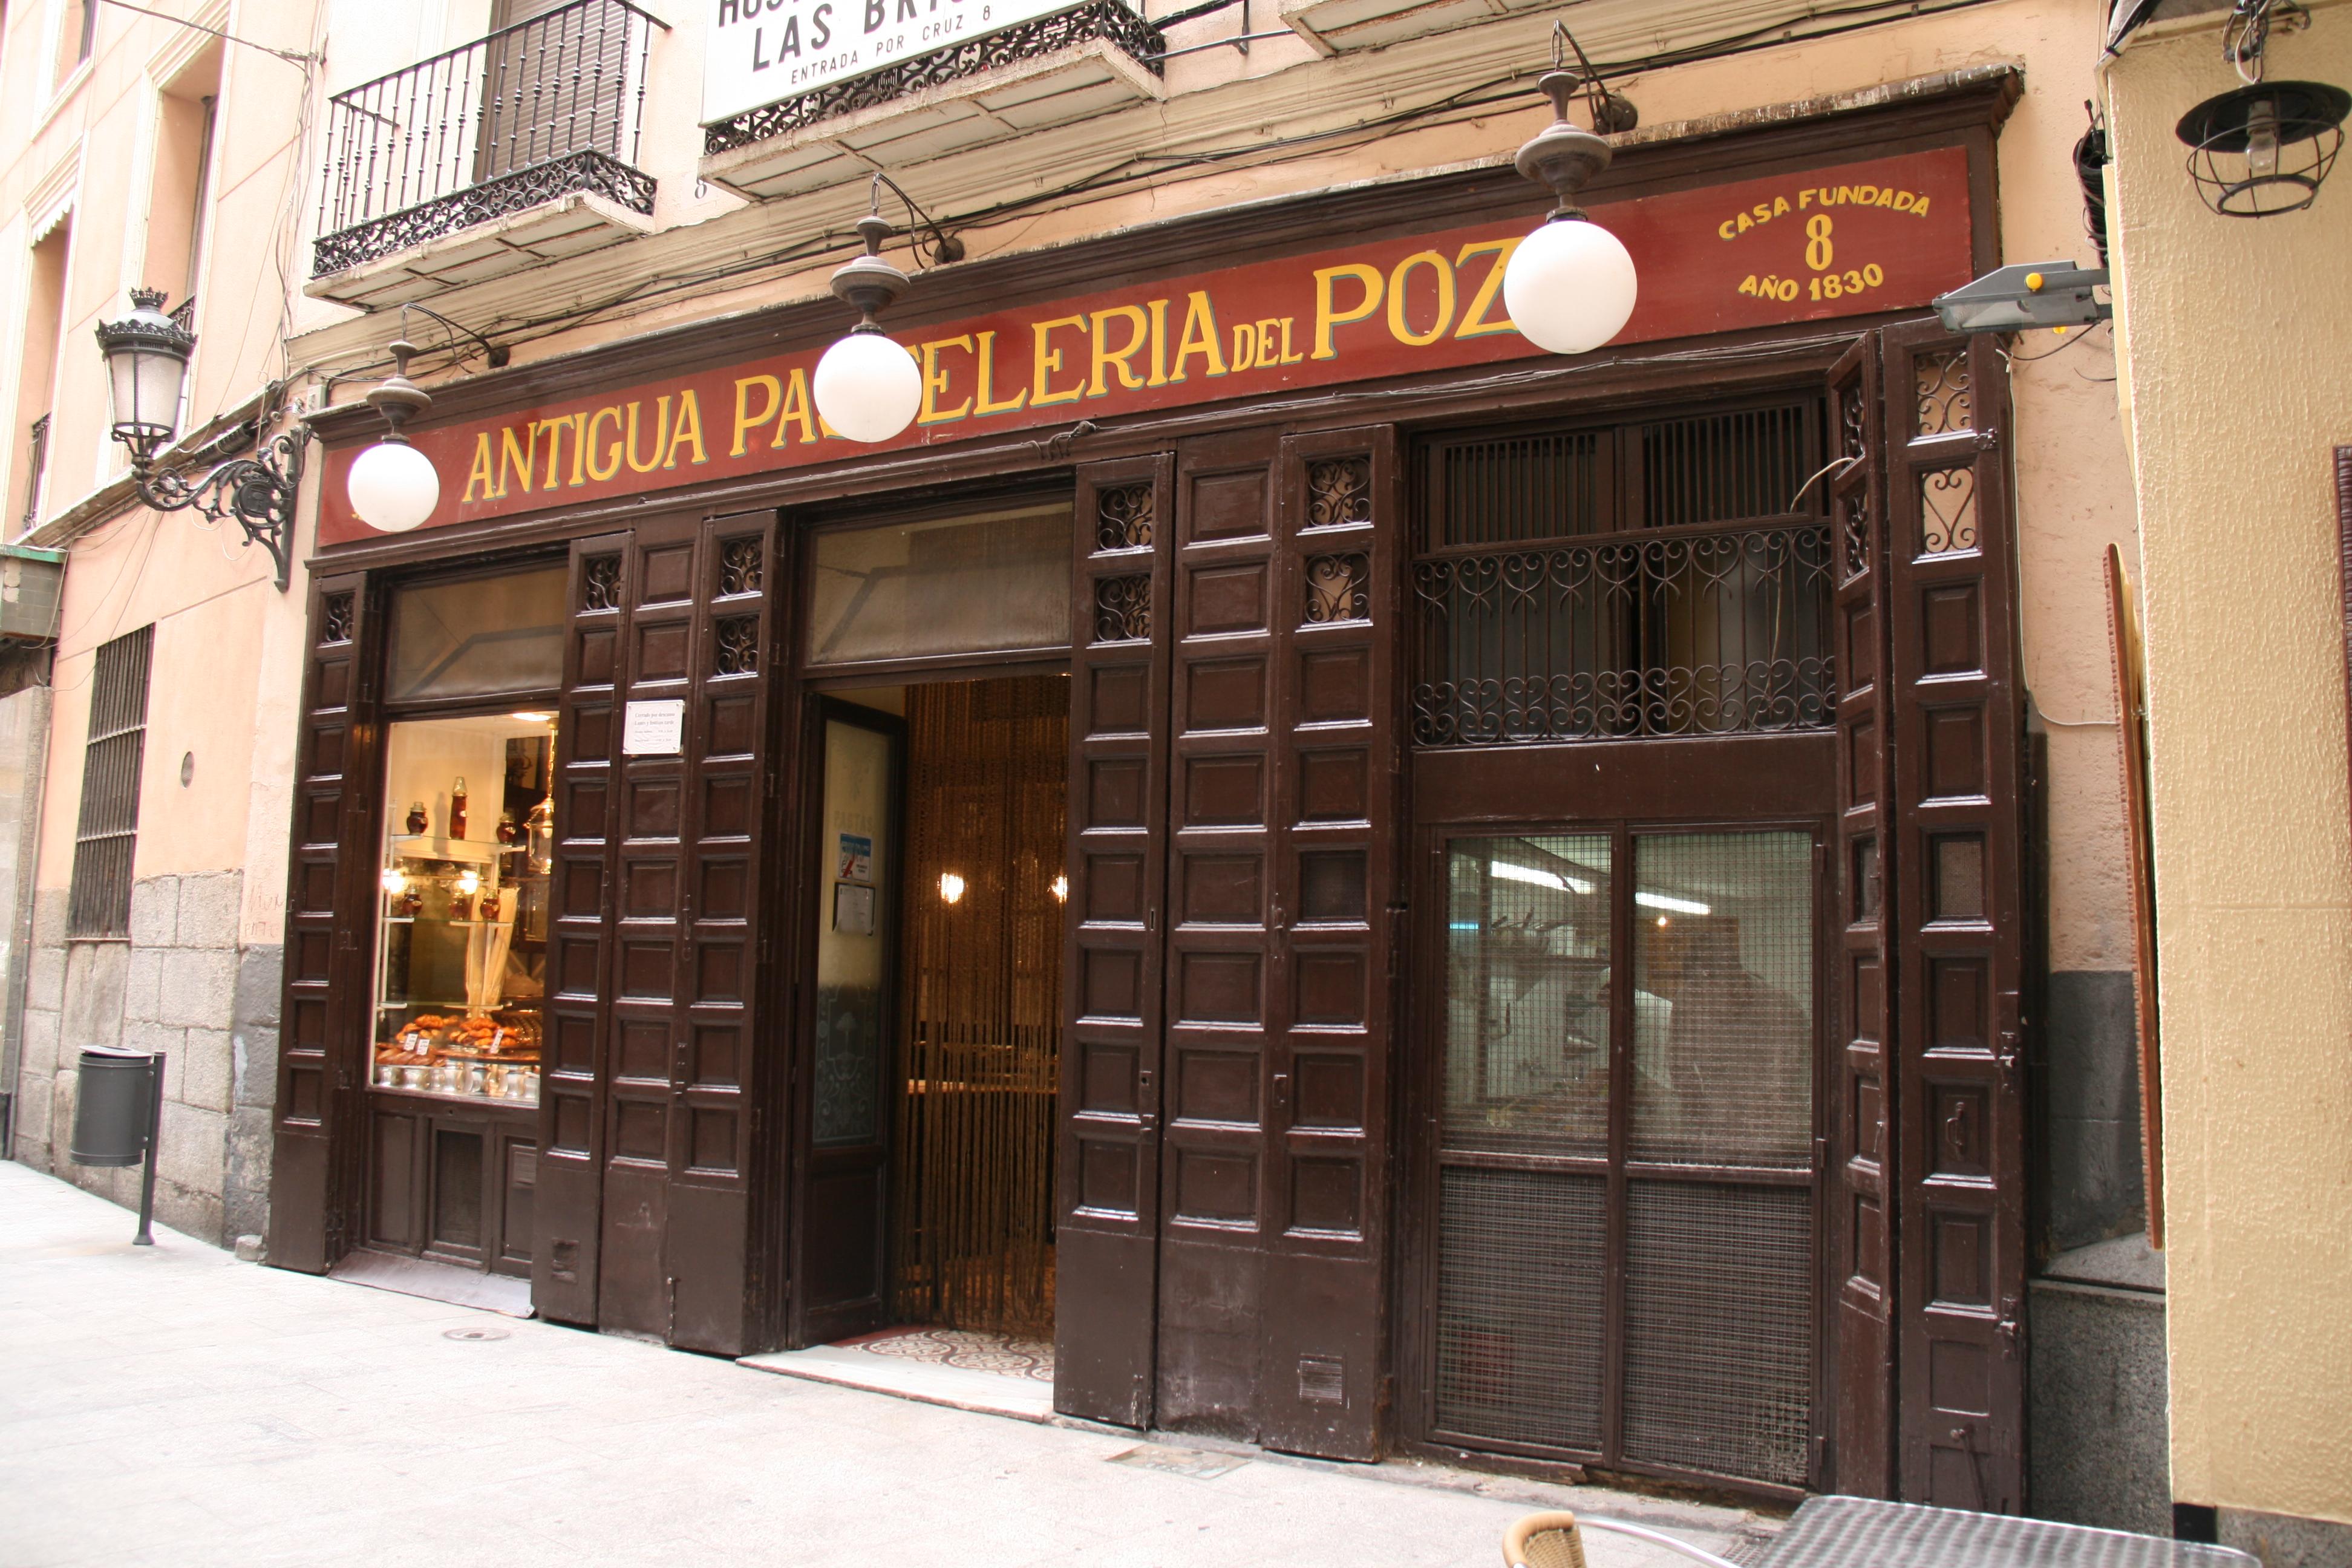 antigua pastelería del pozo - mejores roscones de reyes en madrid